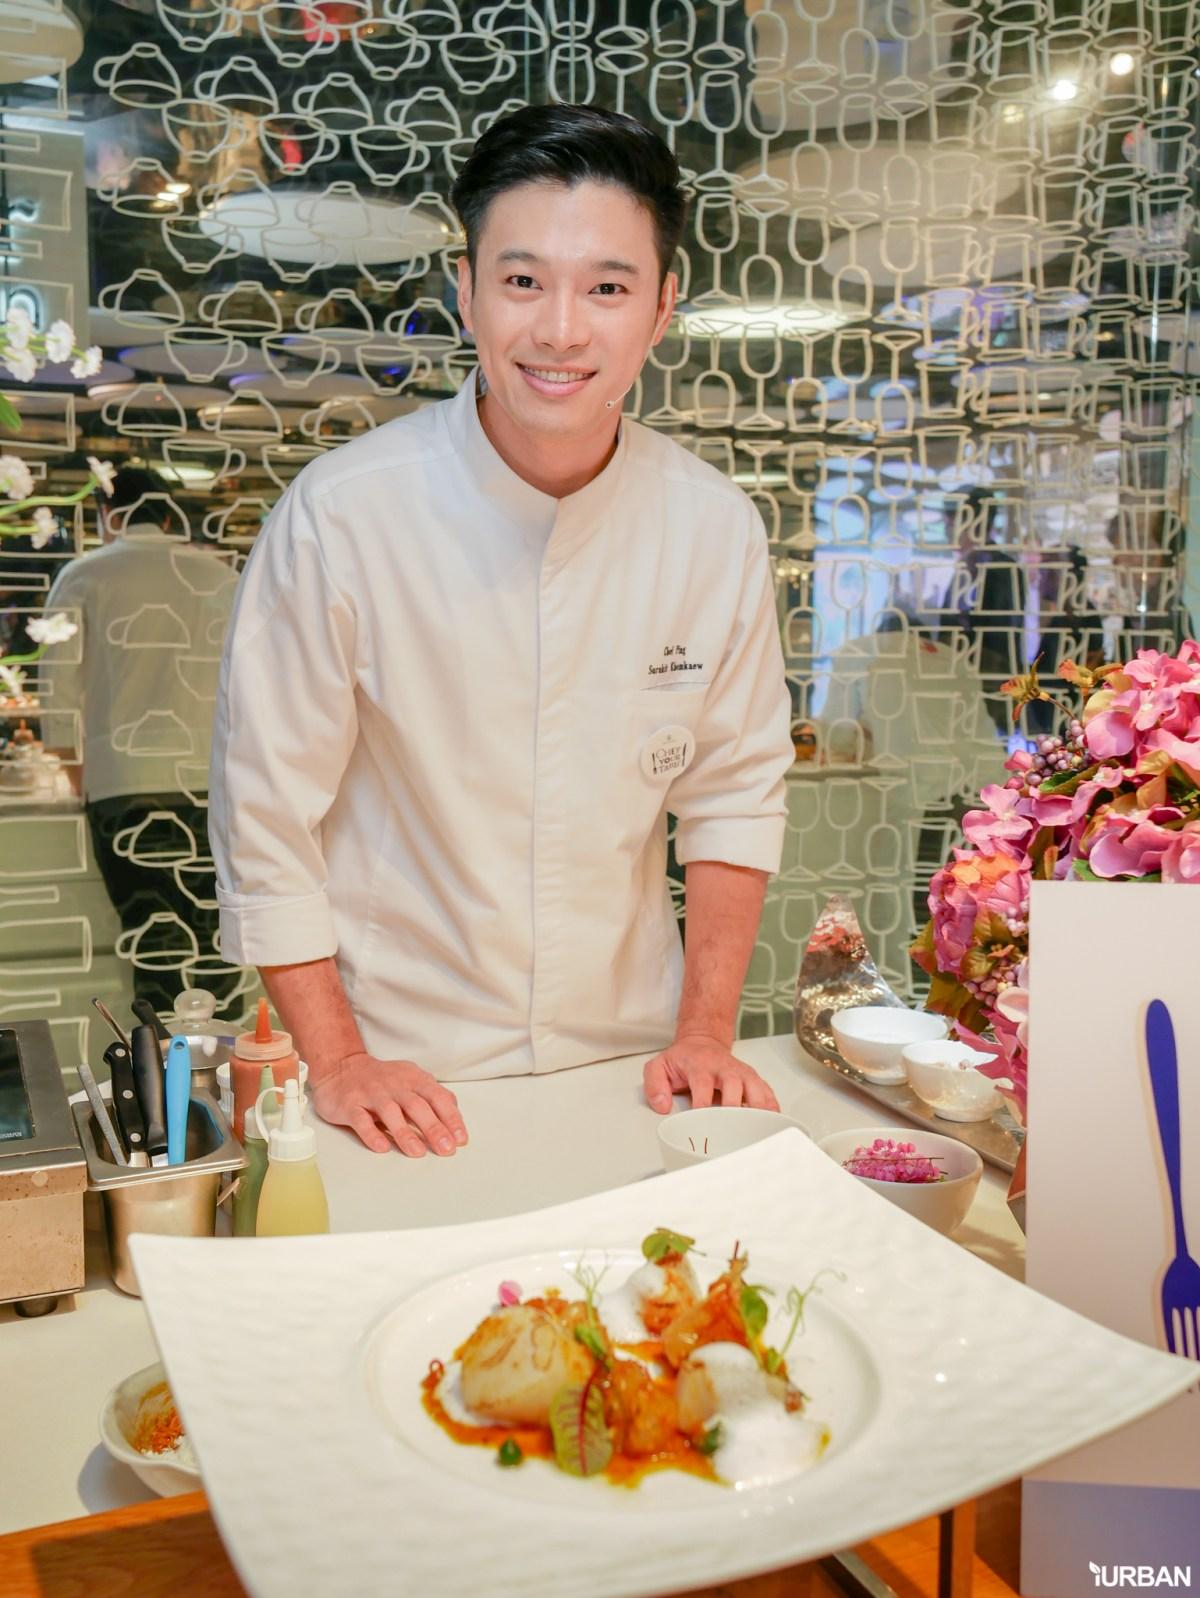 """สร้างช่วงเวลาสุดพิเศษไปกับ """"Sansiri Chef Your Table"""" ที่ให้คุณได้ลิ้มรสอาหารฝีมือเชฟระดับประเทศถึงบ้านคุณ! 33 - Chef"""